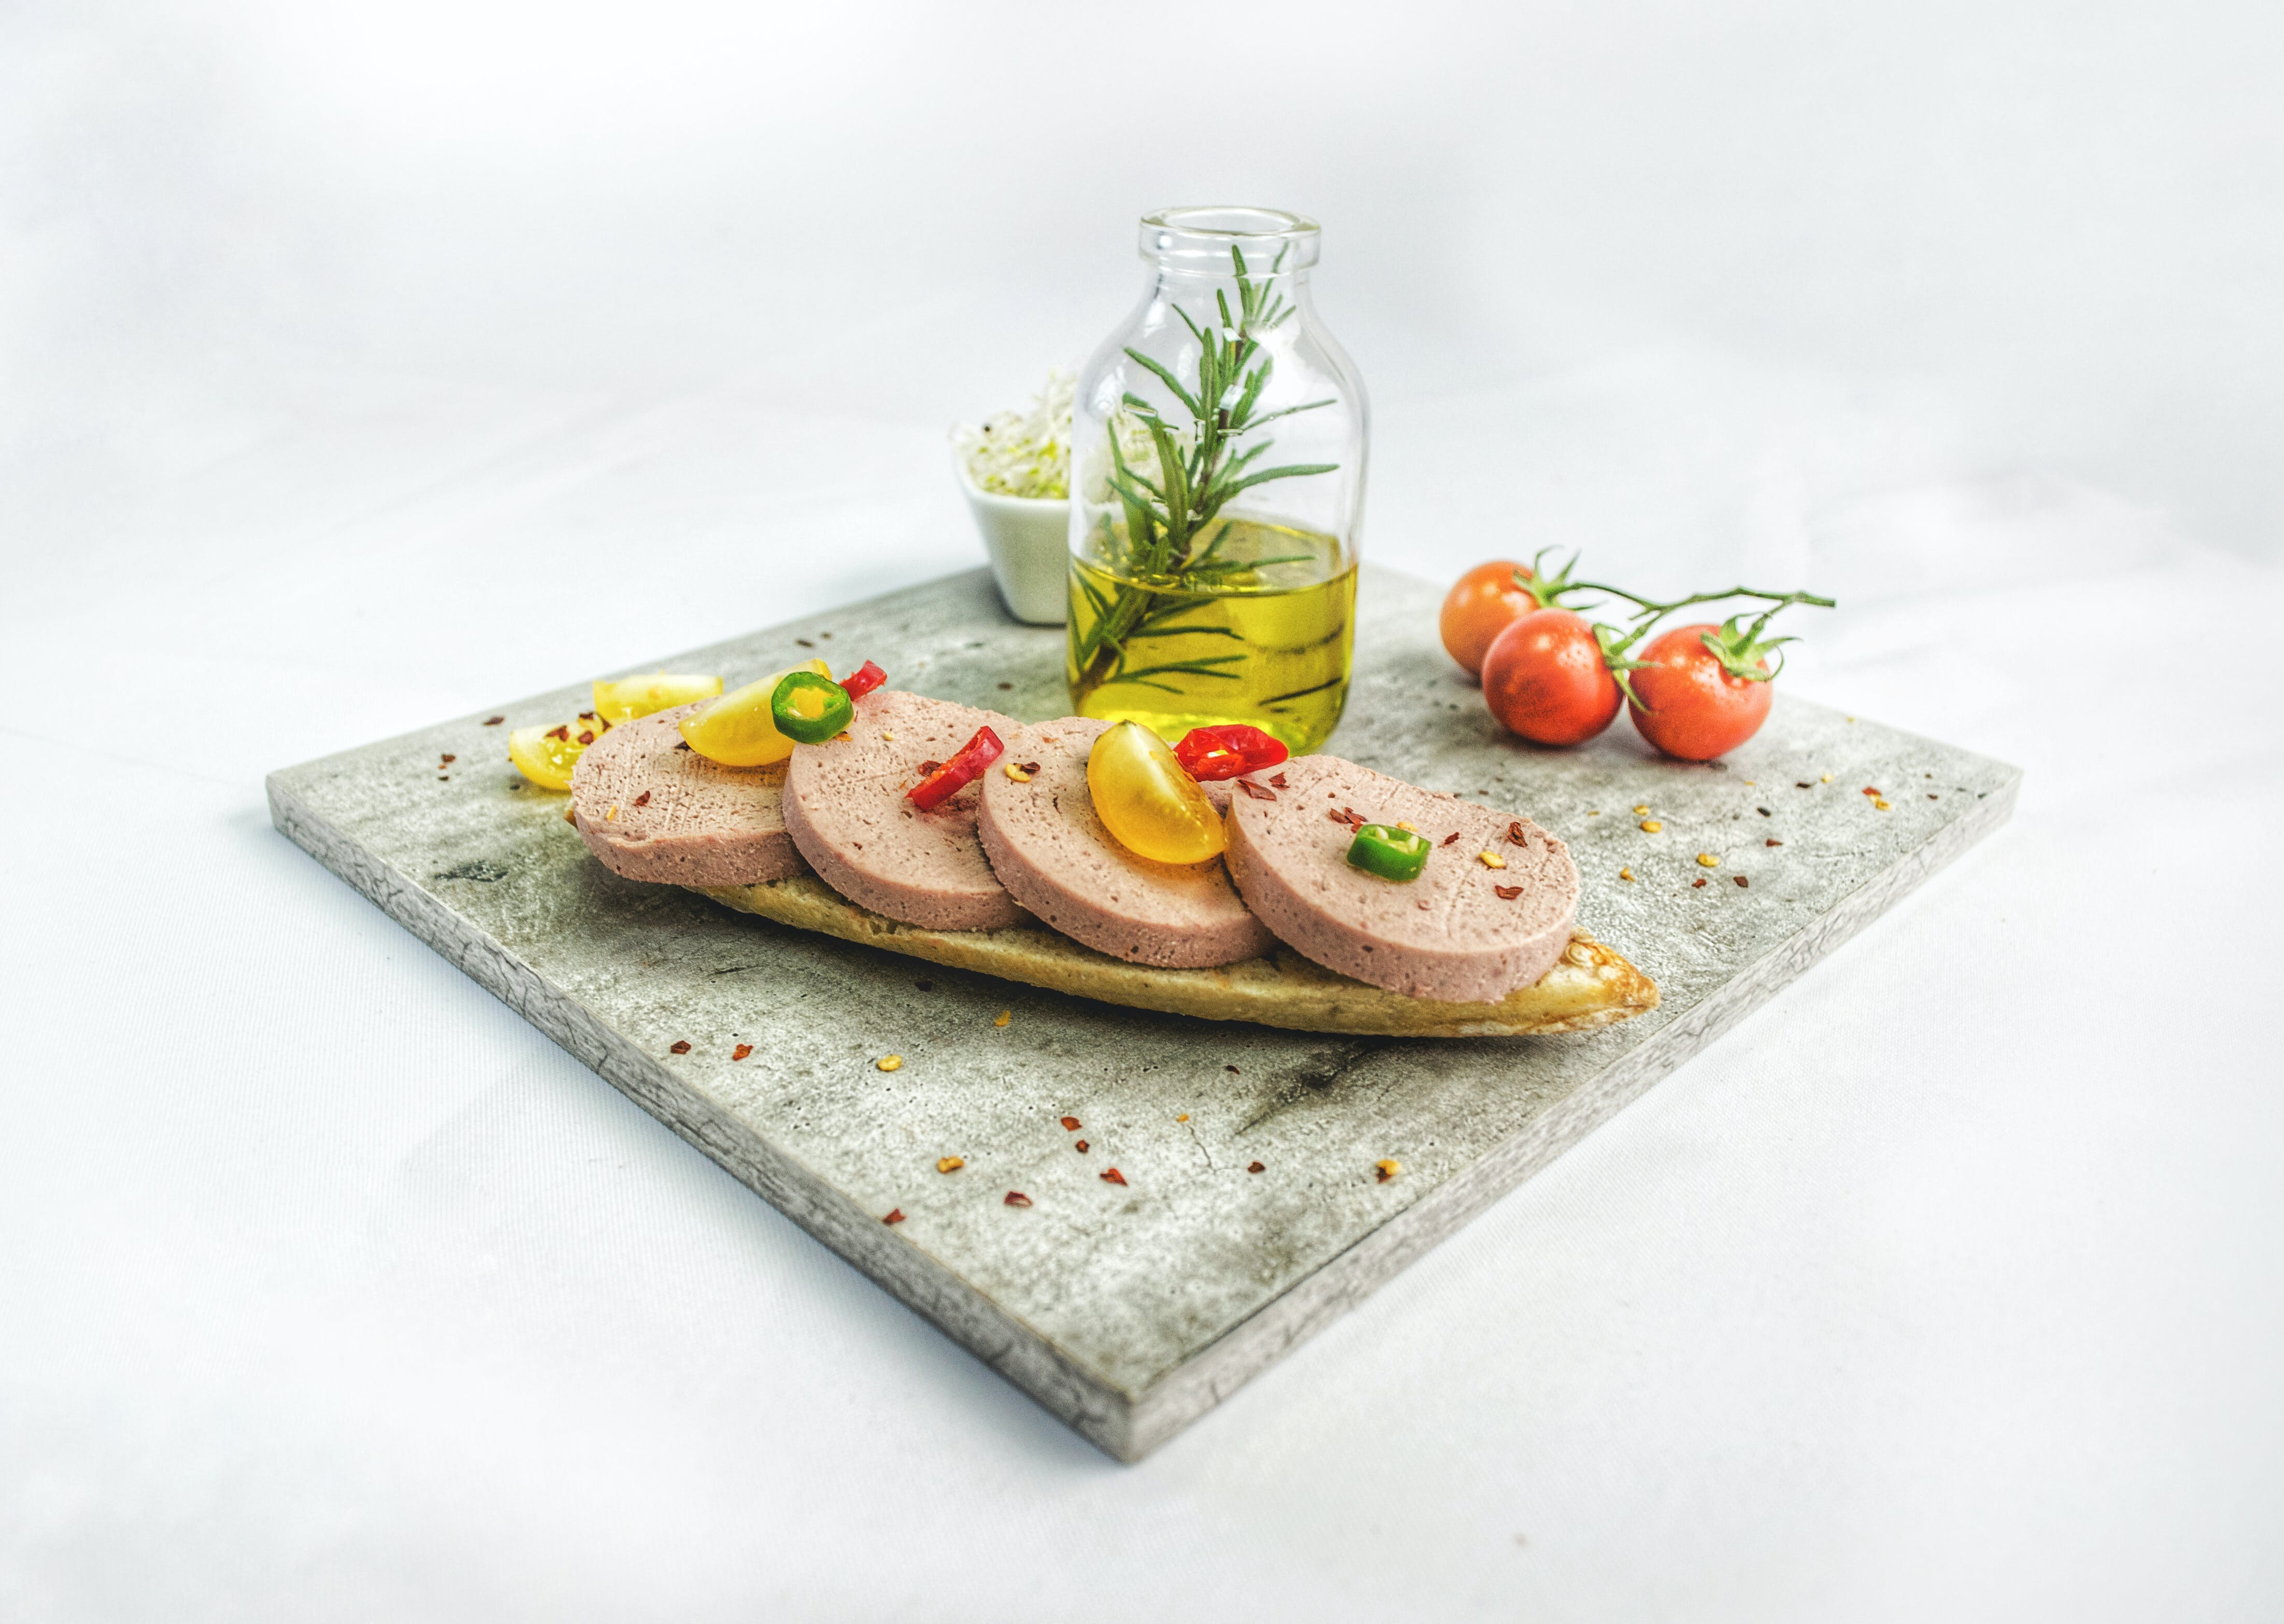 ağız sulandırıcı, dilimler, domates, ekmek içeren Ücretsiz stok fotoğraf